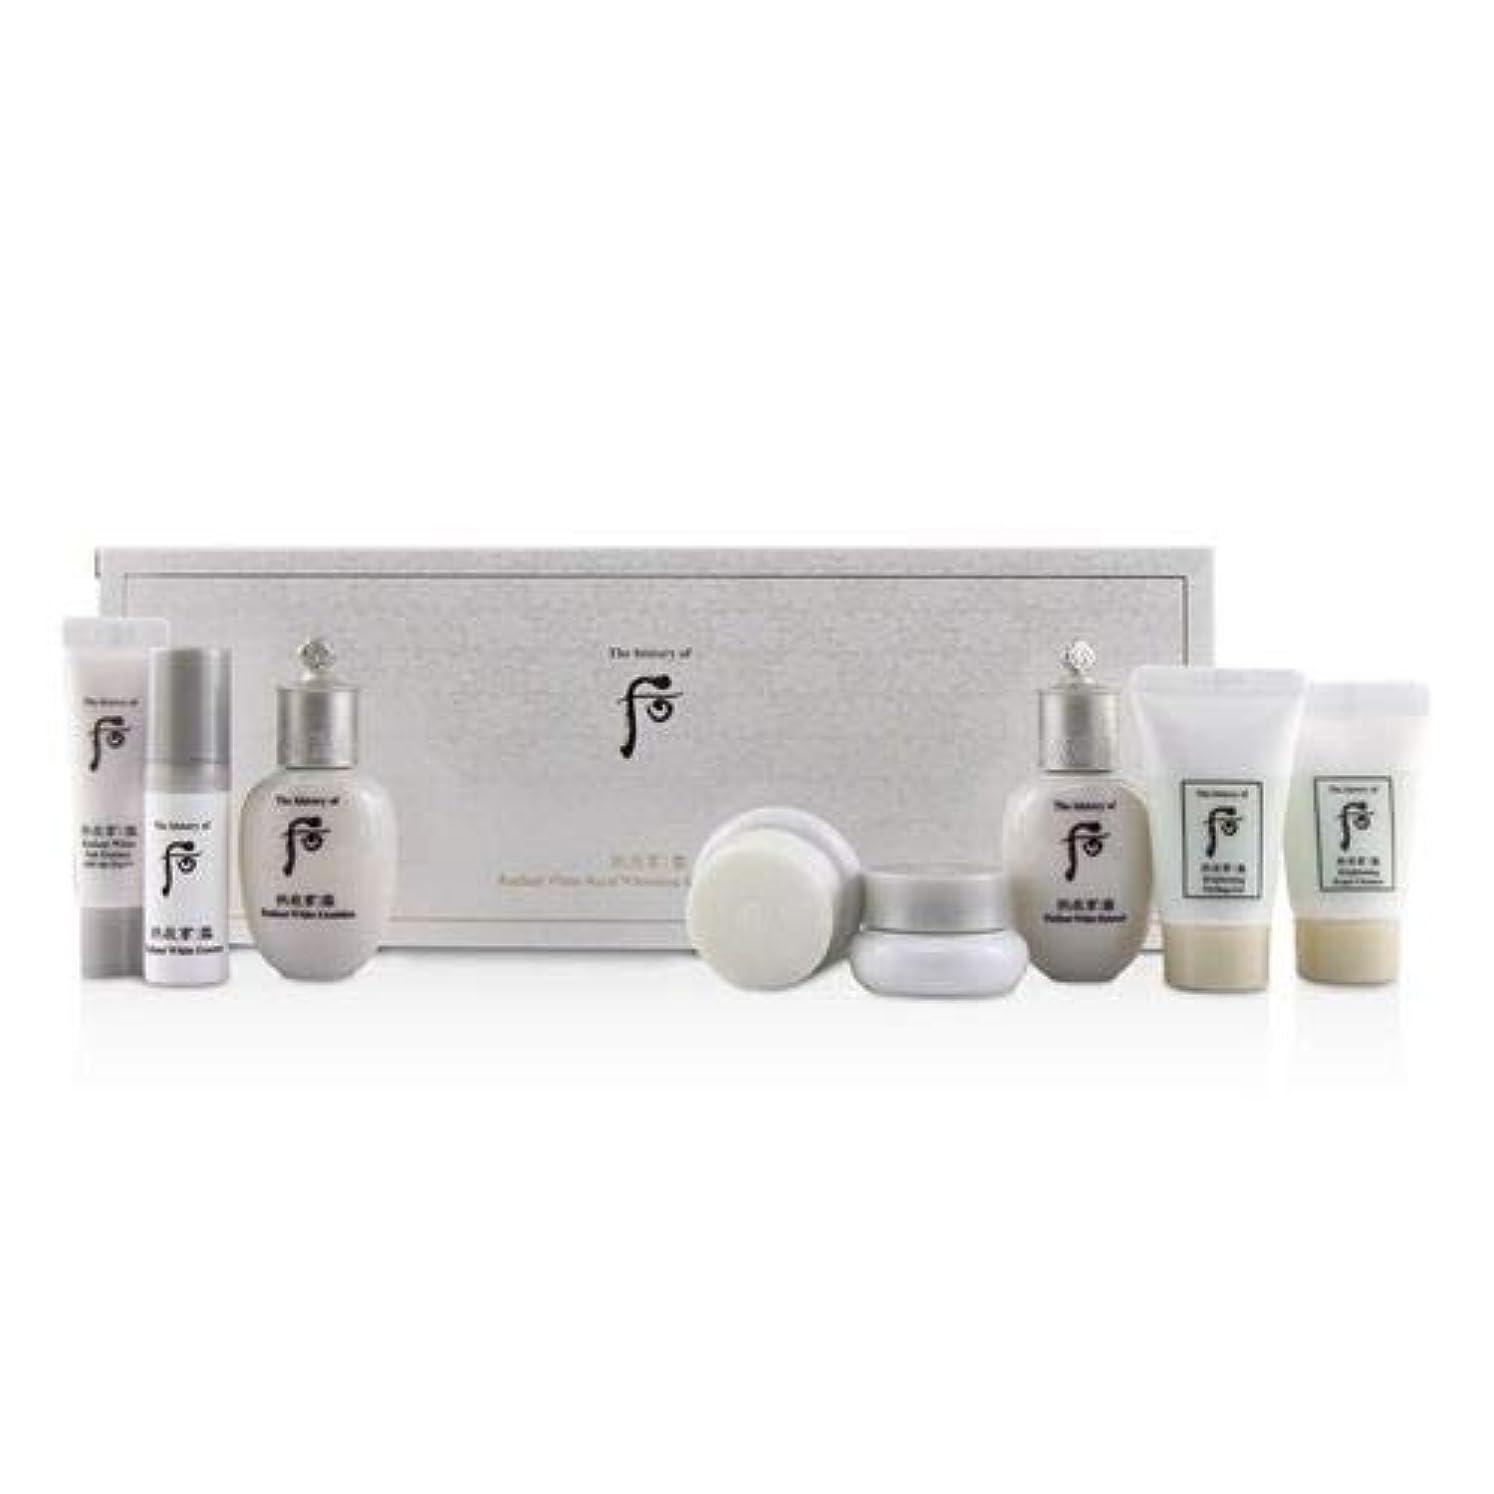 初心者特徴分割后 (The History Of 后) Gongjinhyang Seol Radiant Whitening 8 pcs Gift Set: Balancer 20ml + Emulsion 20ml + Essence 5ml + Mo 8pcs並行輸入品